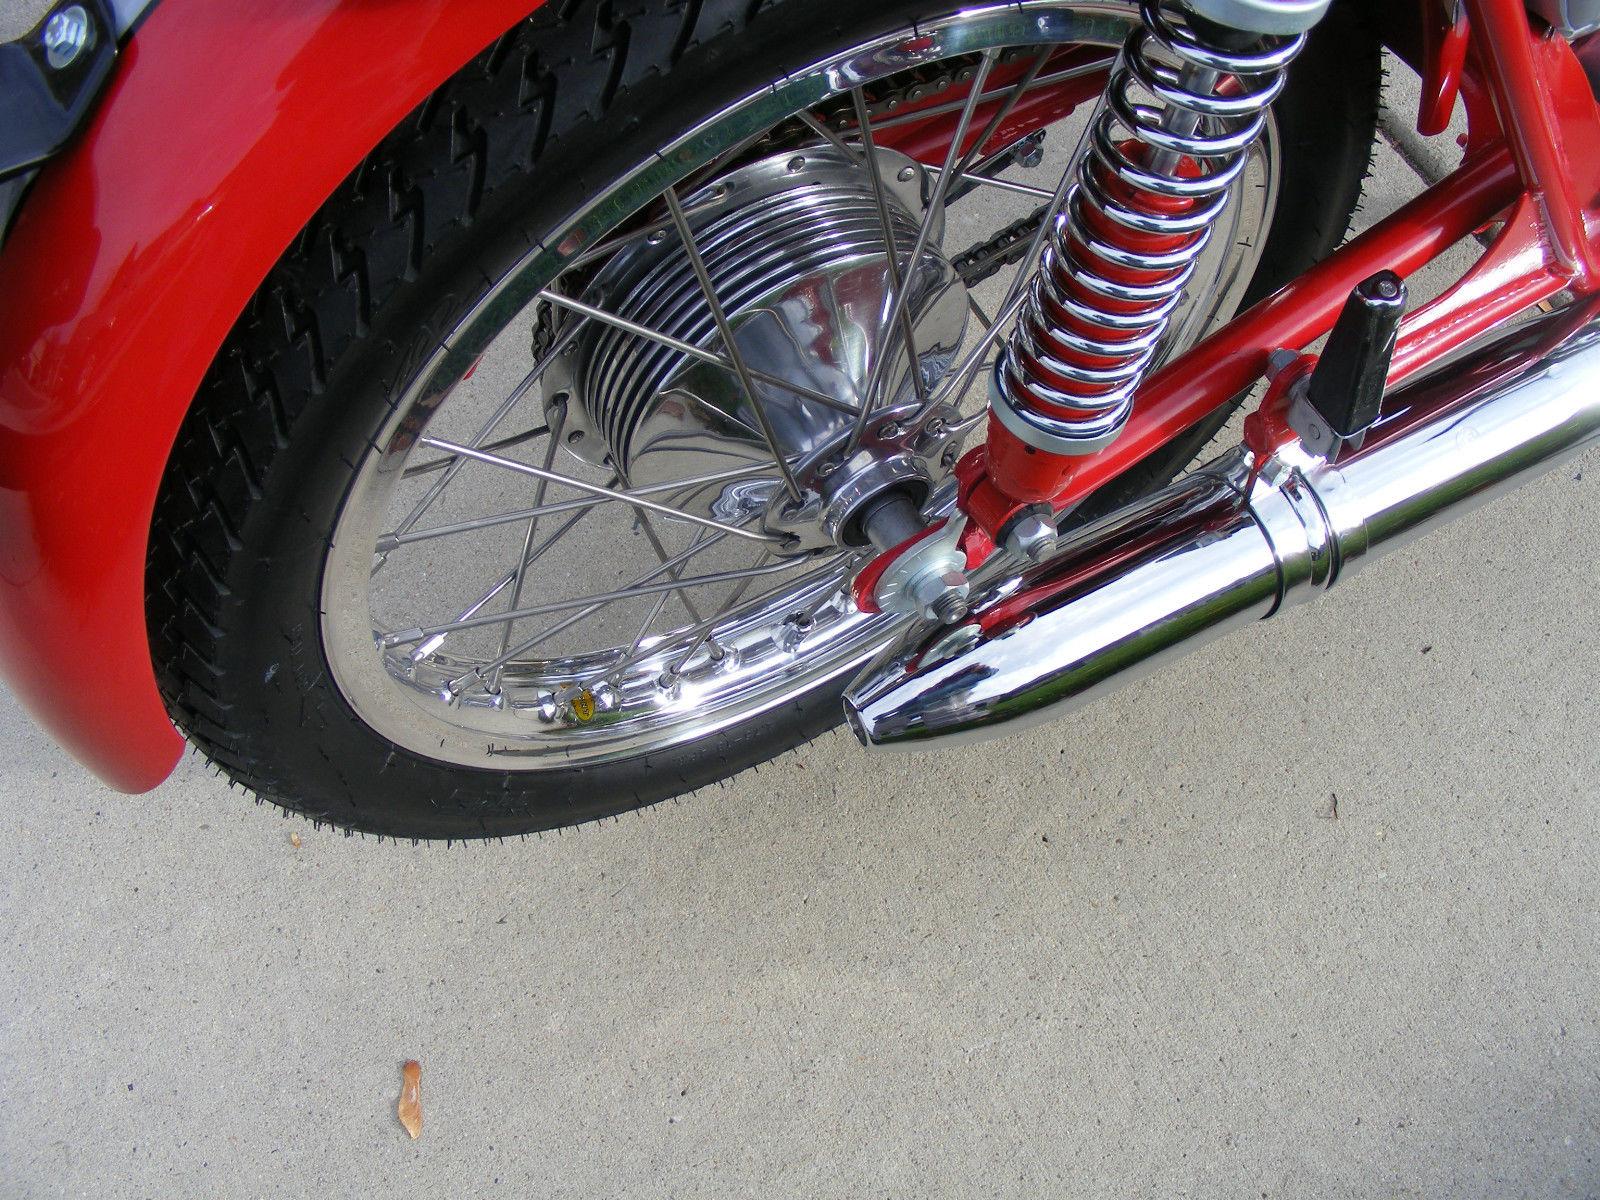 Bultaco Mercurio - 1966 - Rear Wheel, Rear Shock Absorber and Swing Arm.